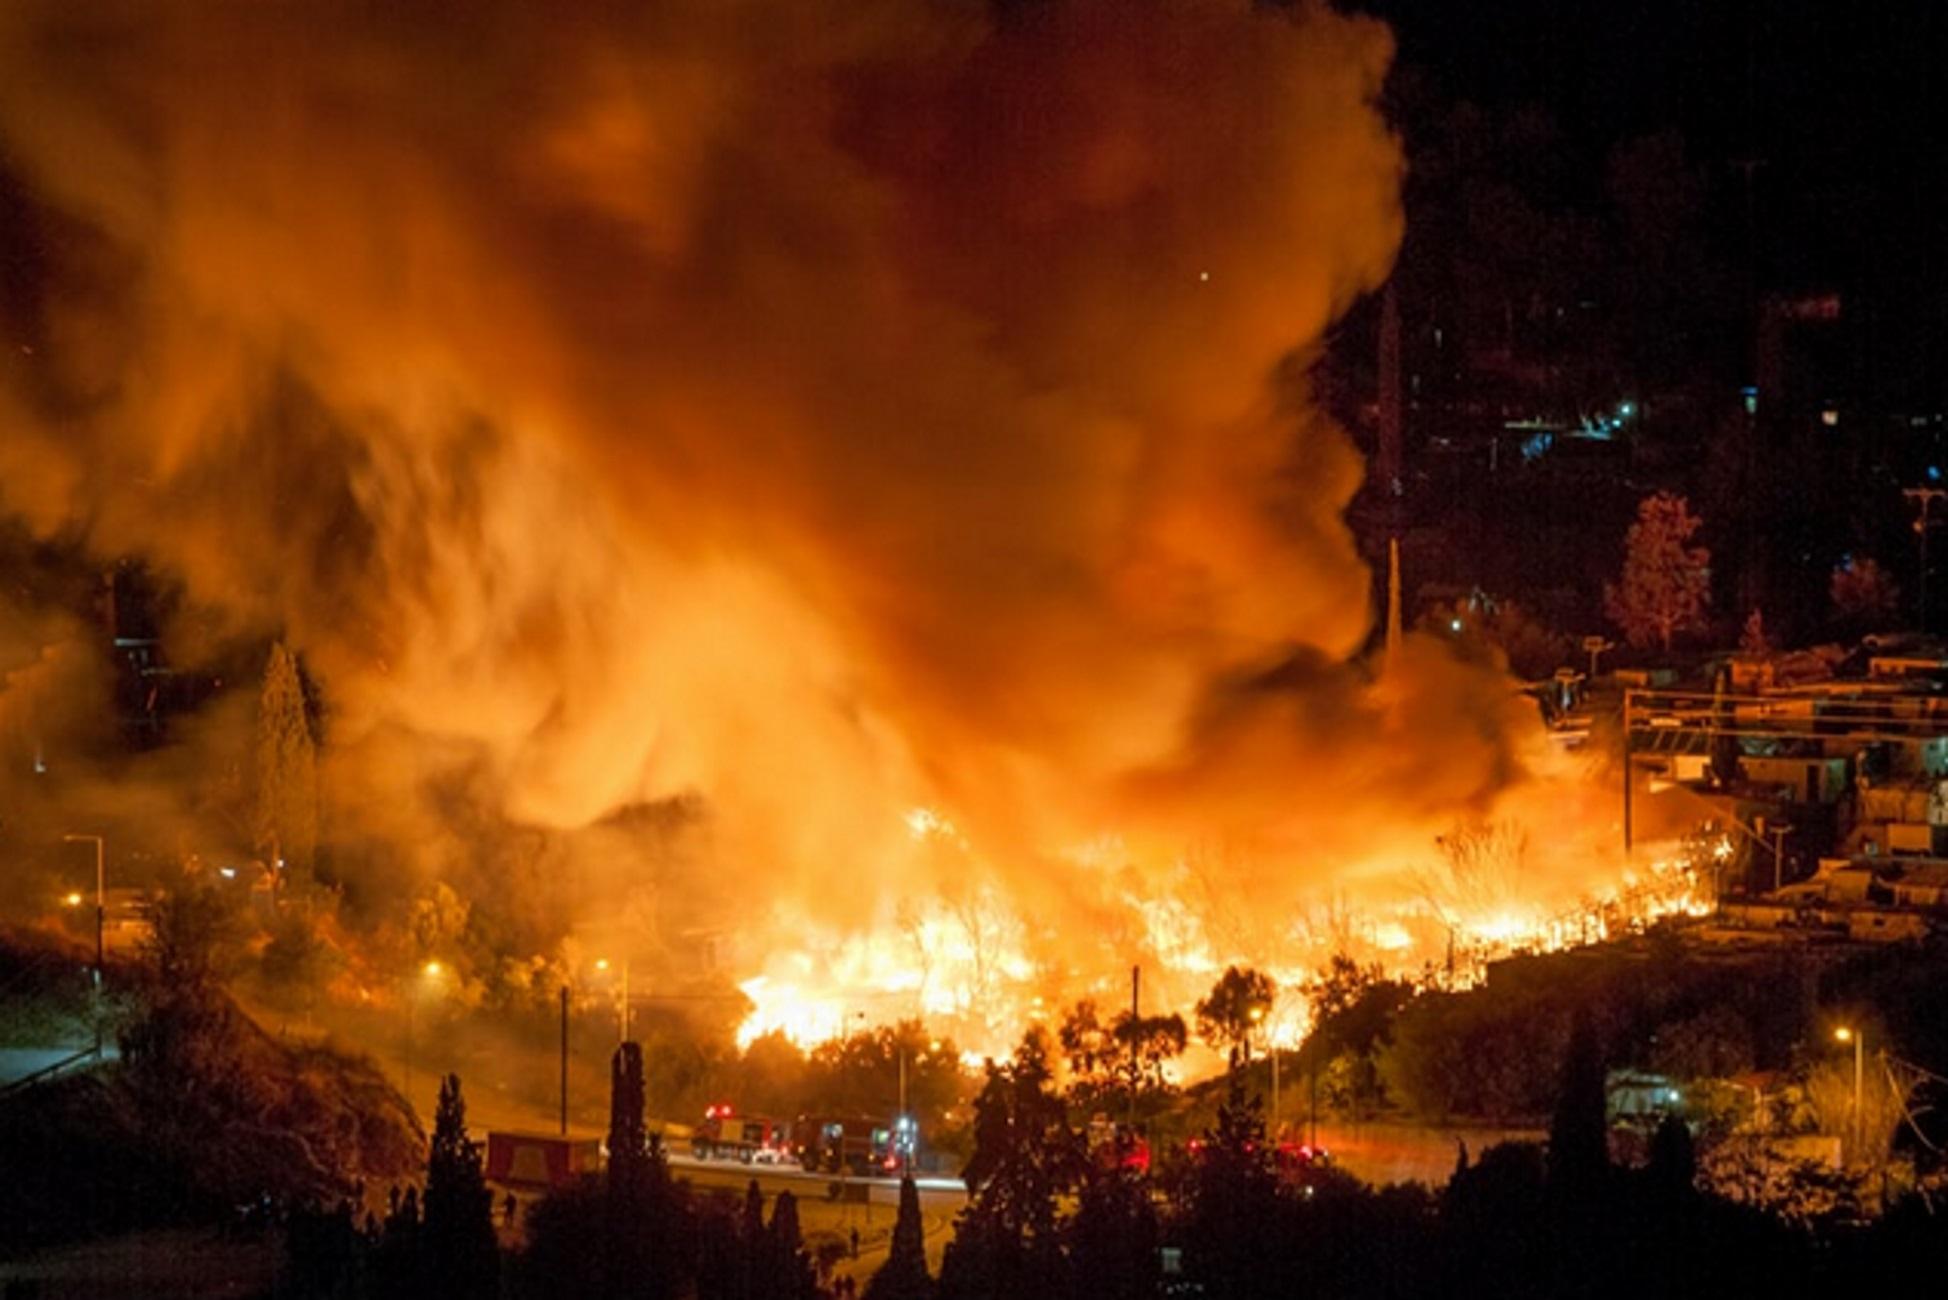 Σάμος: Κόλαση φωτιάς στο ΚΥΤ! Δέος από τις εικόνες την ώρα της πυρκαγιάς (Βίντεο)